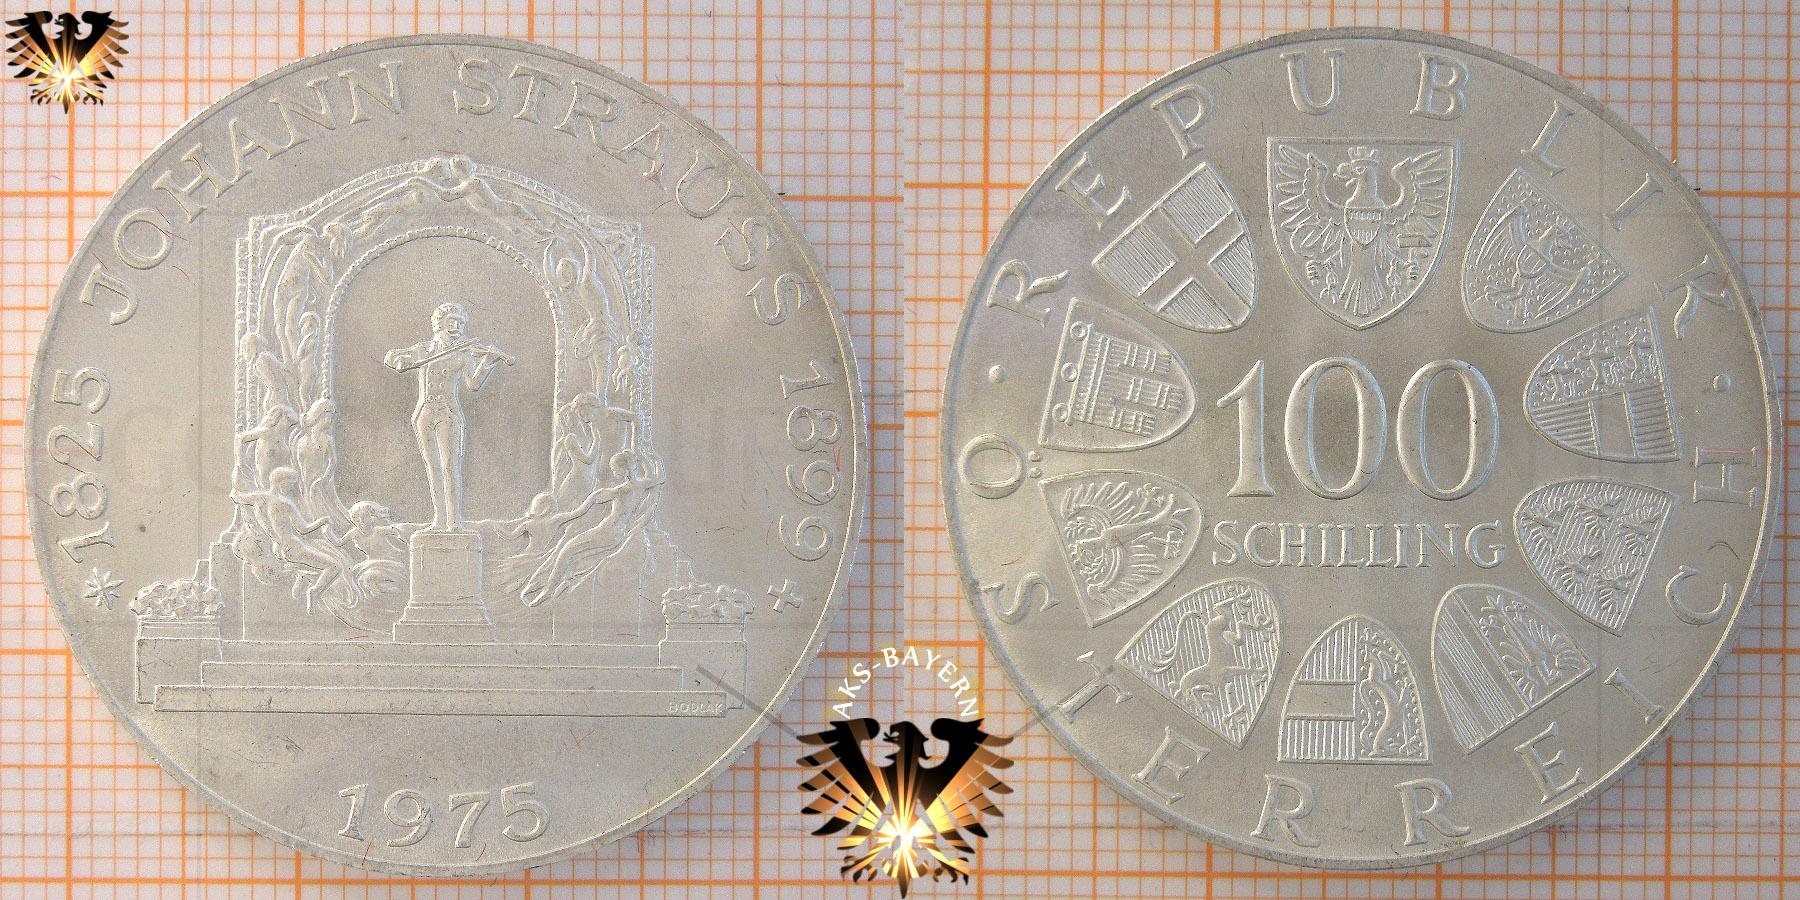 100 Schilling 1975 Johann Strauss